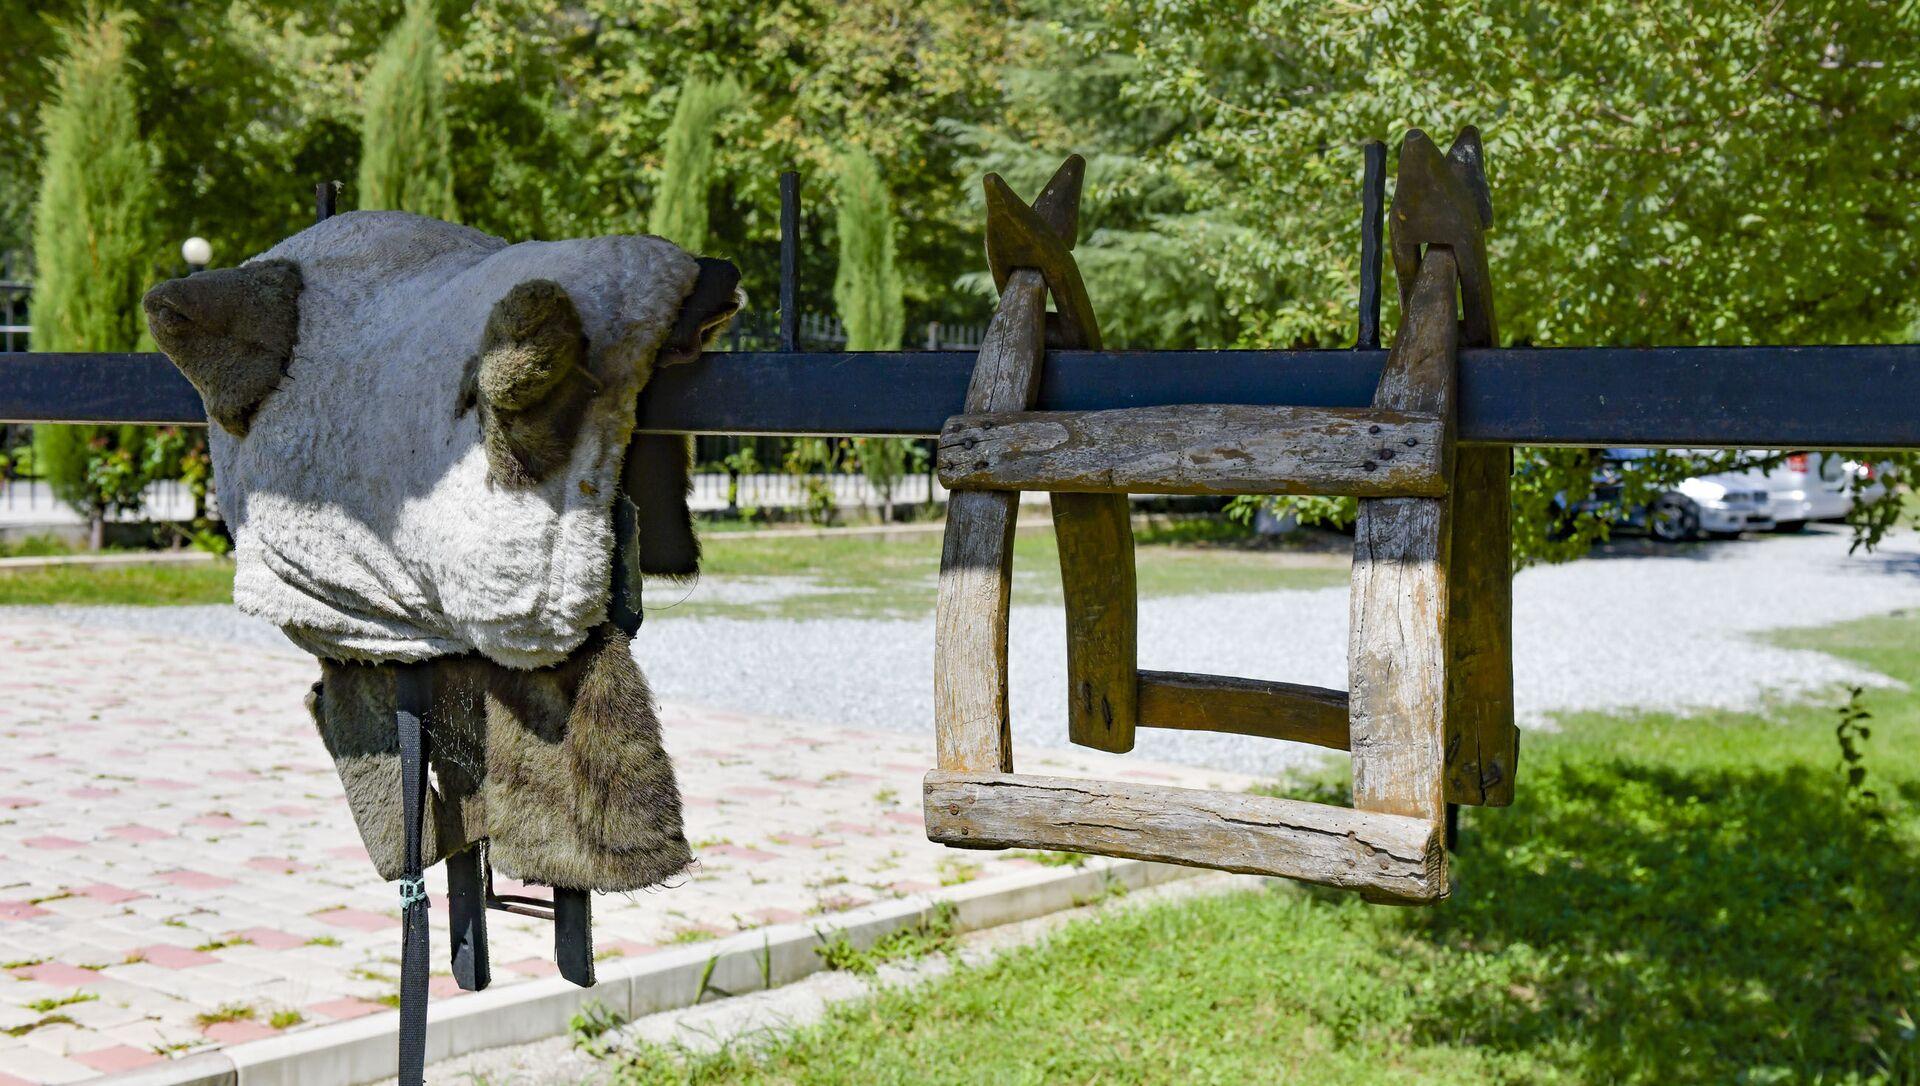 Абхазский двор в Бзыбьском ущелье - Мурман Пкин  - Sputnik Аҧсны, 1920, 11.09.2021